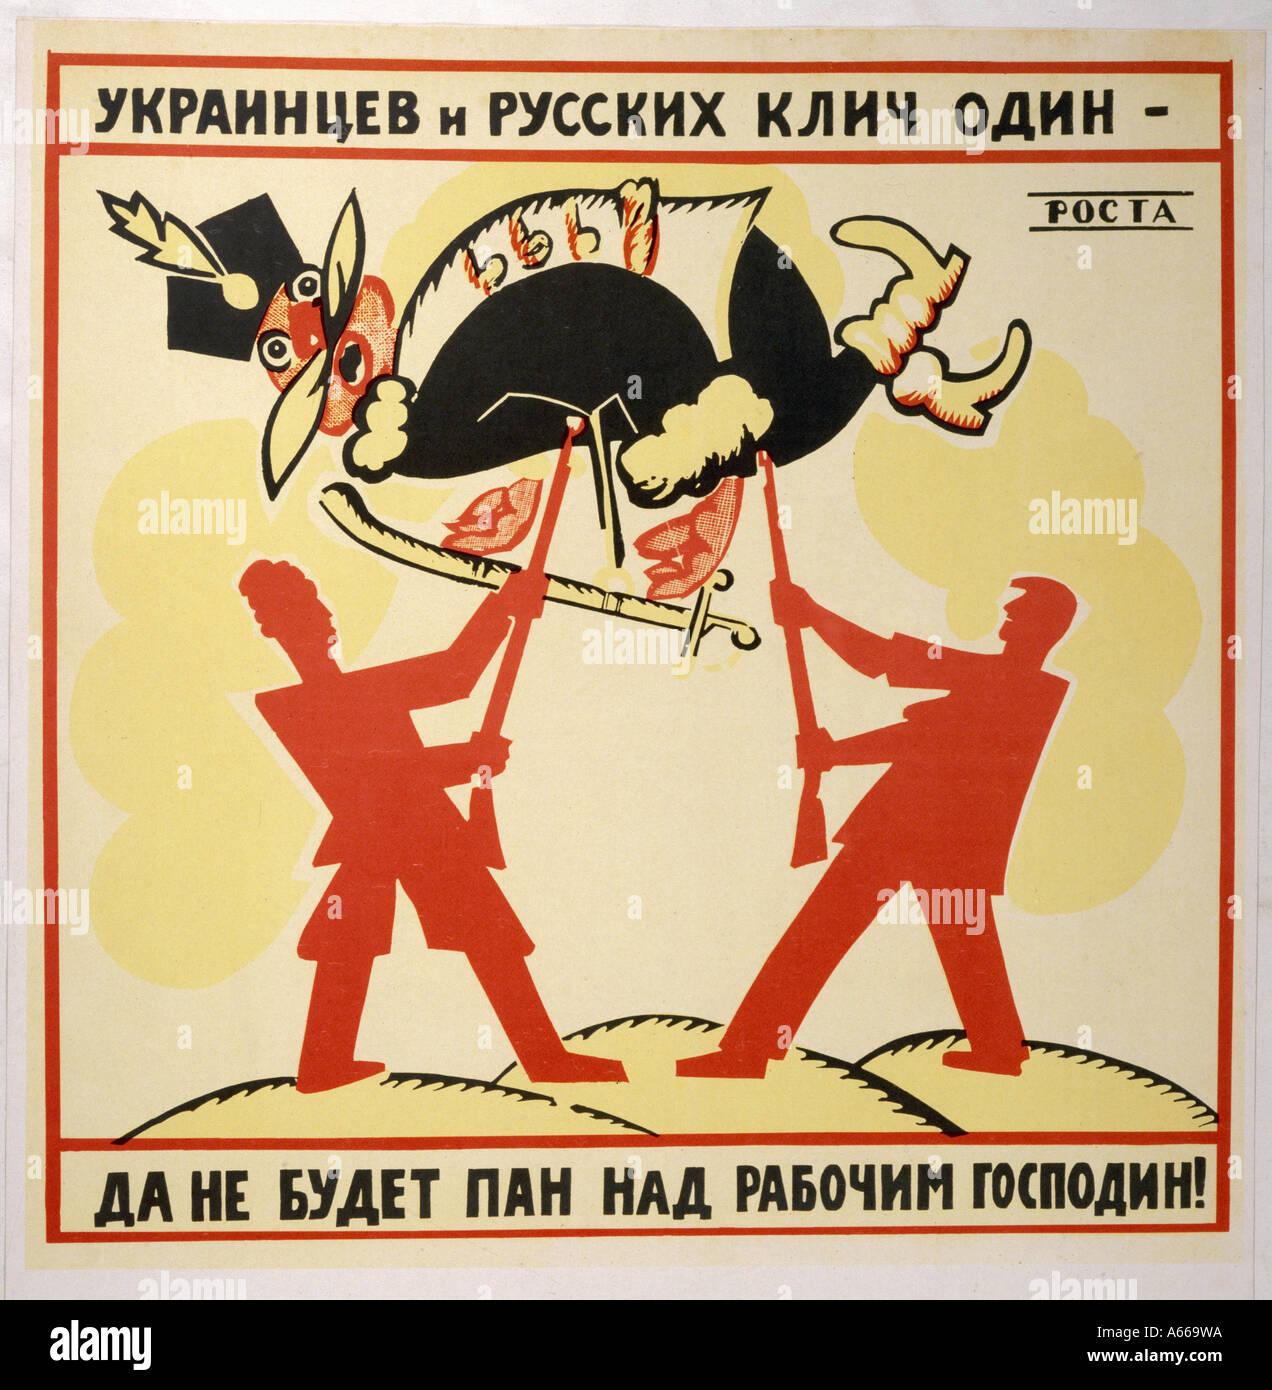 Posterrussia Ukraine Stockbild